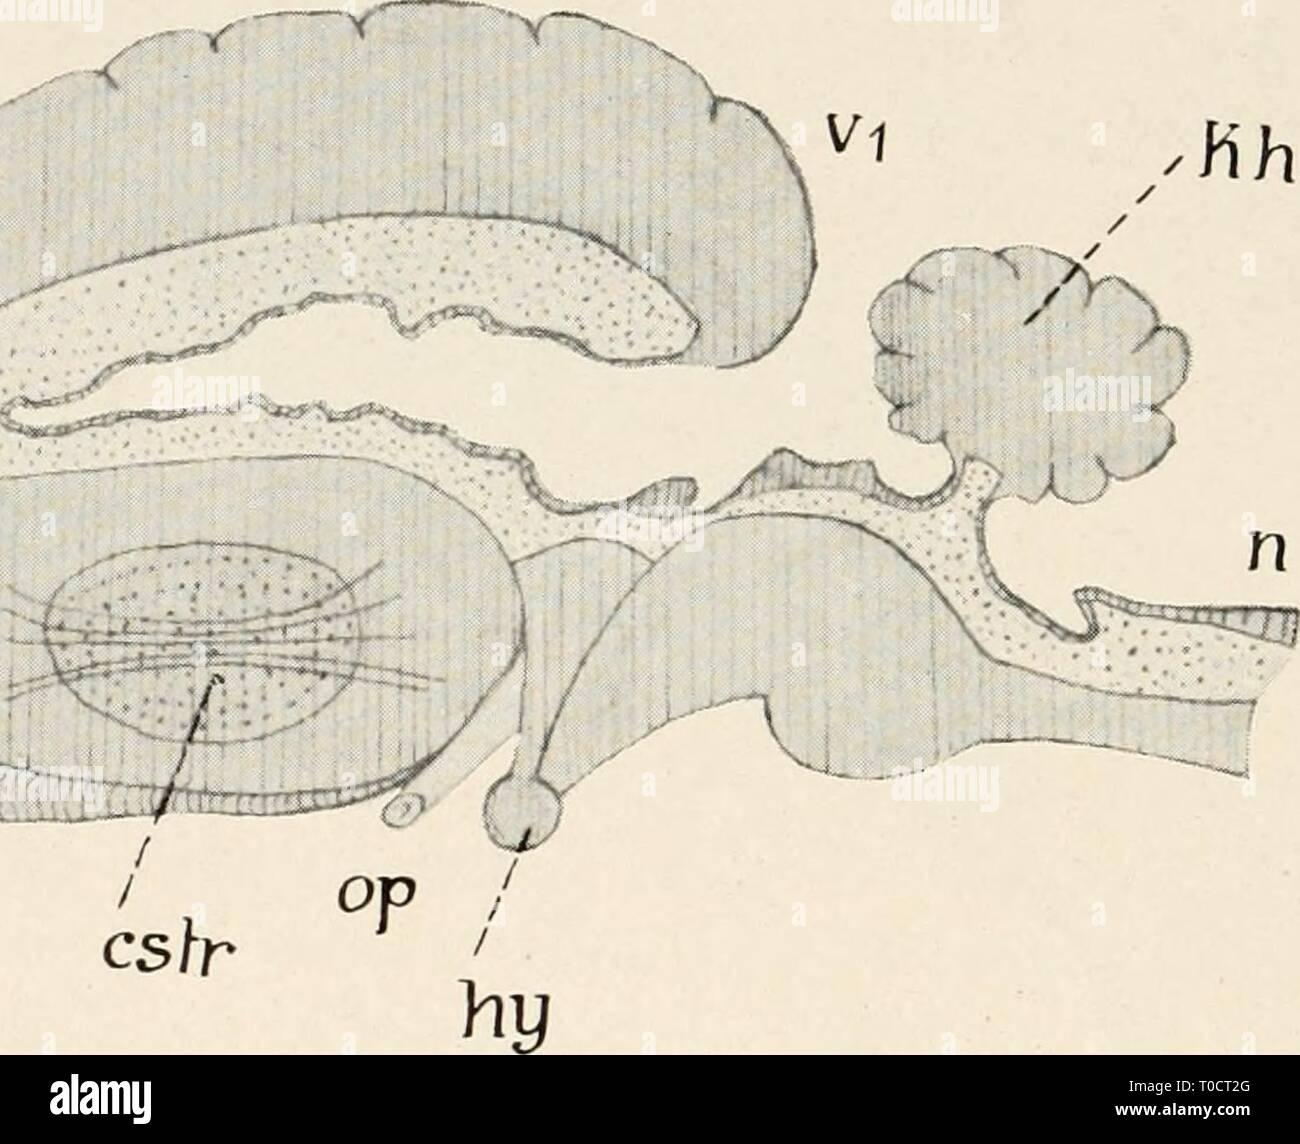 Einführung in die Biologie (1912) Einführung in die Biologie einfhrungindie00maas Year: 1912  O Fig. 157. Schematischer Längsschnitt durch ein Säugergehirn (nach Weber) n = Nachhirn, l<h — Kleinhirn, hy = Hypophyse, op — Seh- nerv, o = Riechlappen, v = Basalteil, Vj = Mantelteil der Groß- hirnhemisphäre, cstr = corpus striatum (Faserkreuzung). Hohlraum punktiert gezeichnet. worden. Dagegen ist die Diagnose von besonderen Zentren und be- sonders entwickelten Fähigkeiten aus der äußeren Schädelform, die sich durch gesteigerte Massenentwicklung des Gehirns in bestimmten Teilen ergeben soll, ei - Stock Image